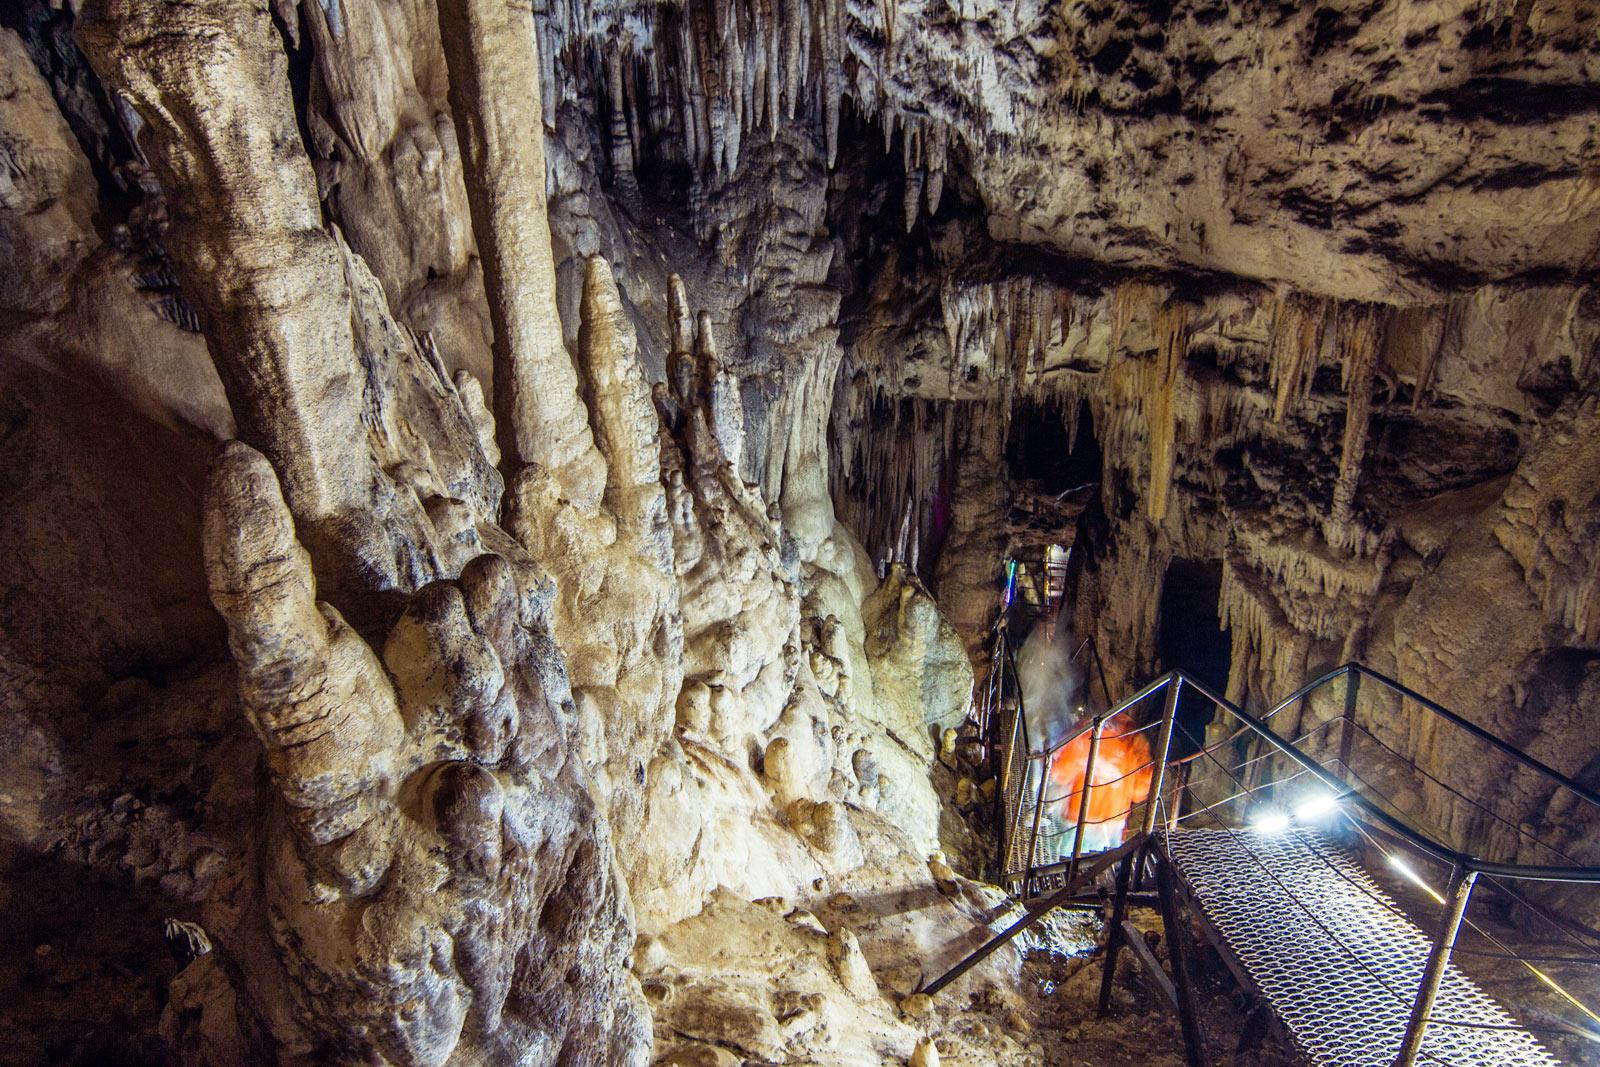 Для желающих возможно посещение оборудованной Большой Азишской пещеры карстового происхождения. По красоте и величию она превосходит многие известные пещеры, это настоящее грандиозное чудо природы.